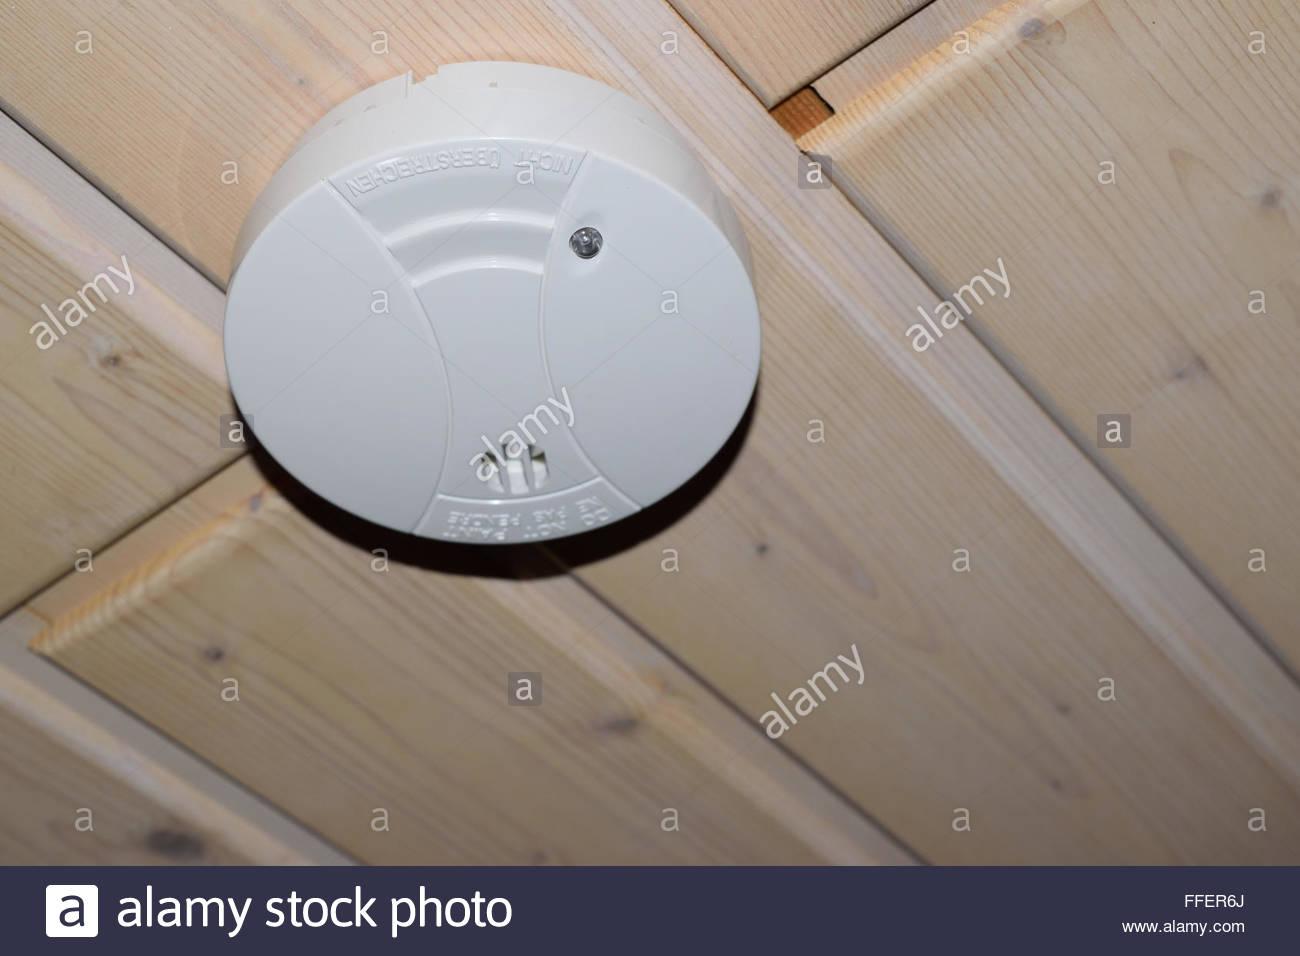 Carbon Monoxide Alarm Stock Photos Carbon Monoxide Alarm Stock